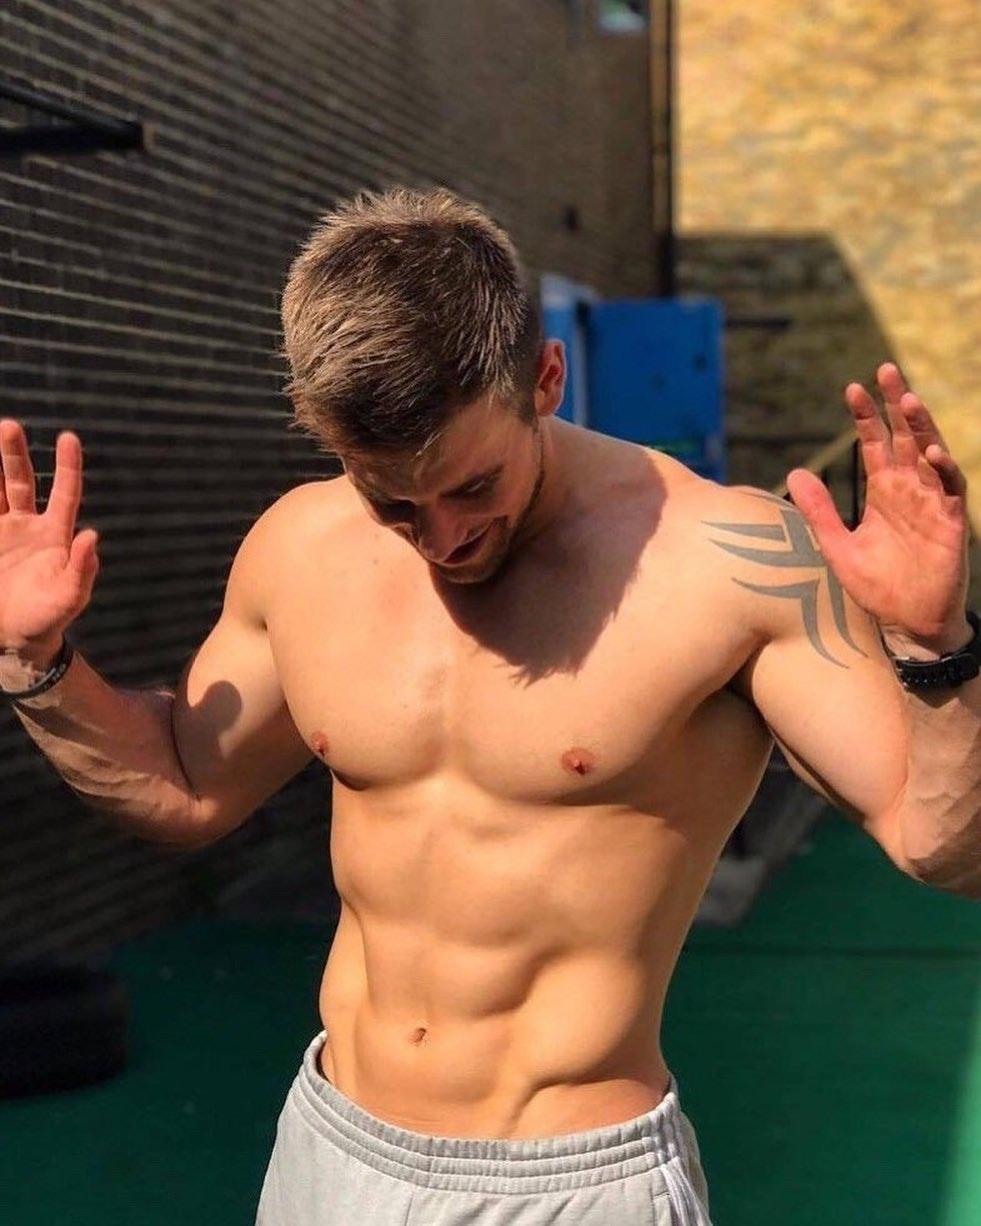 #men #hotmen #hunks #tatoo #abs